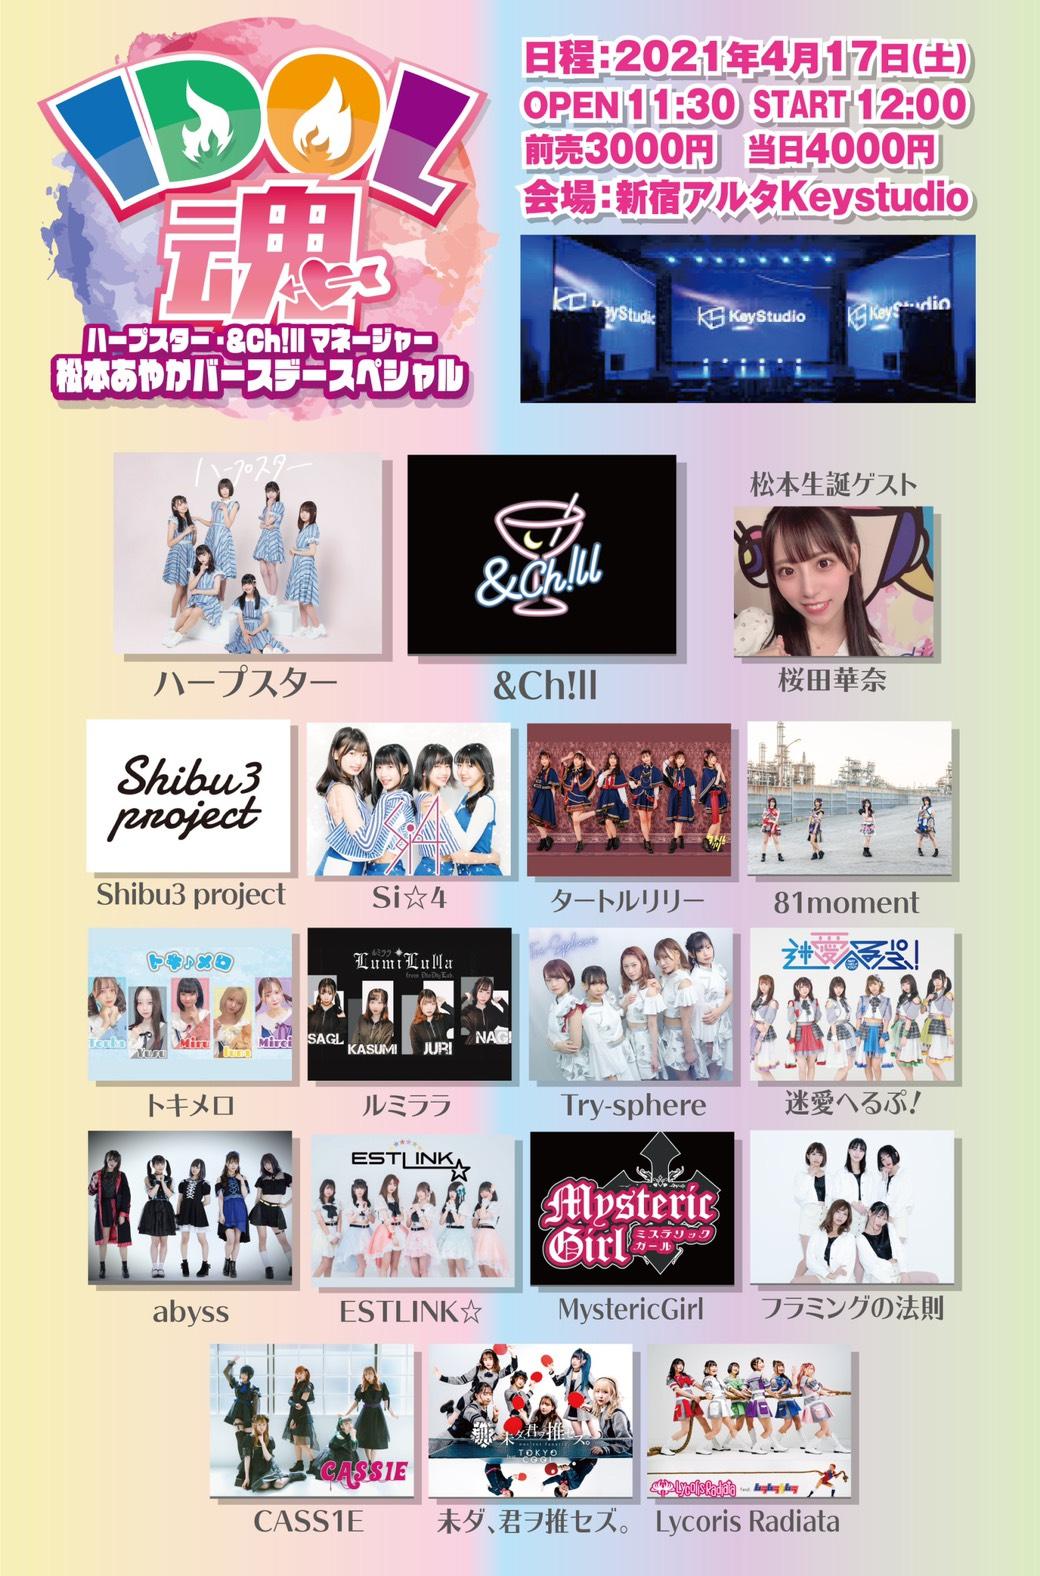 IDOL魂〜ハープスター・&Ch!llマネージャー松本あやか生誕記念公演〜